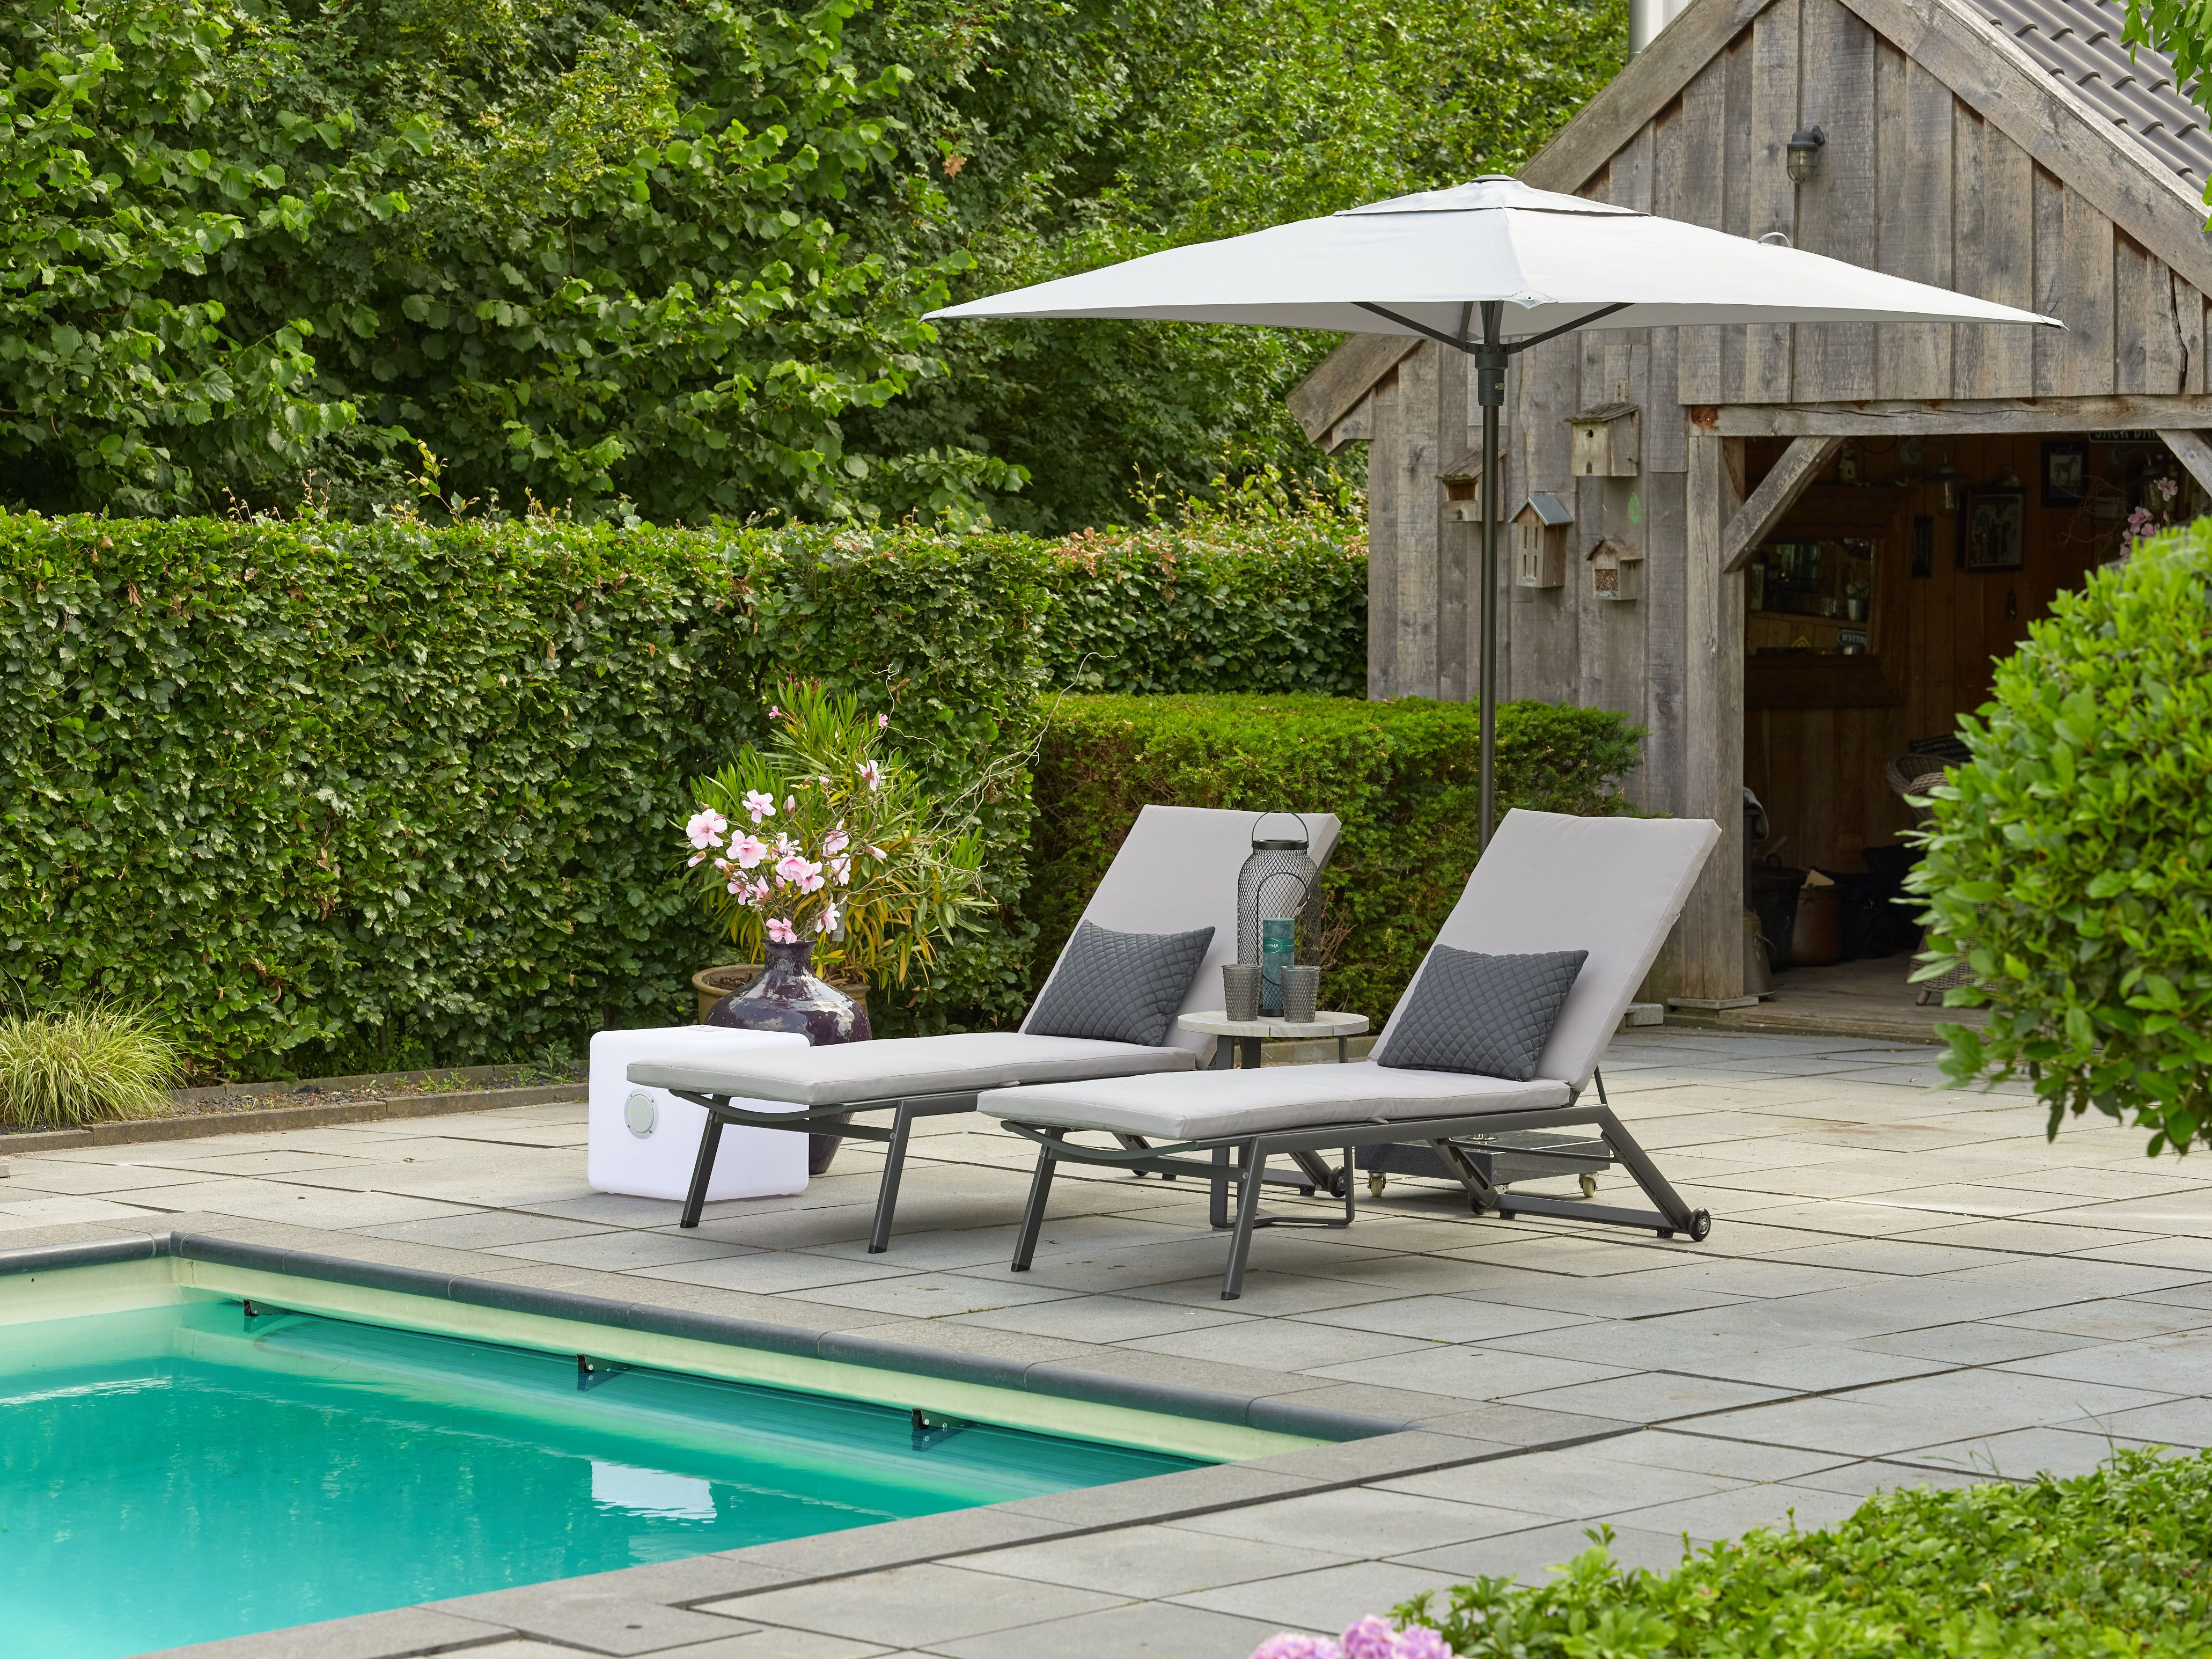 Ligstoel Tuin Aluminium : Mooie ligstoel van aluminium #ligstoel #tuinmeubelen #tuin